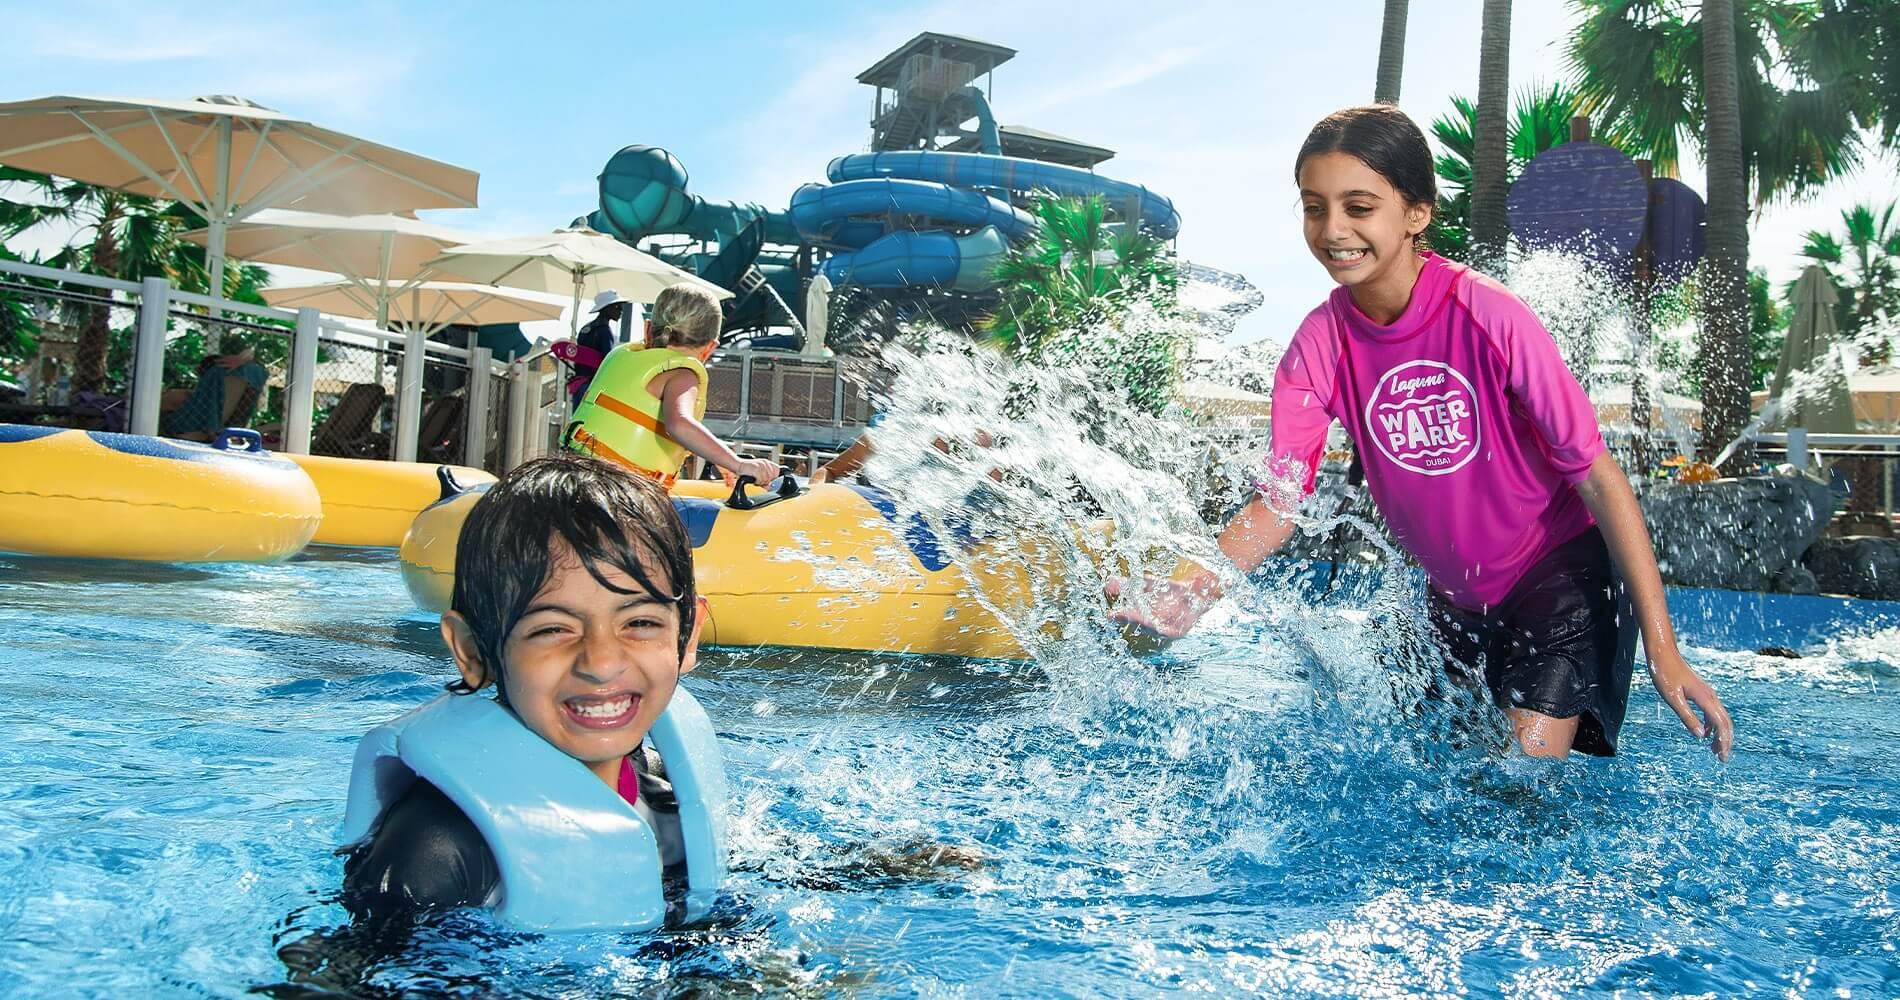 Kids Having fun at Laguna Waterpark